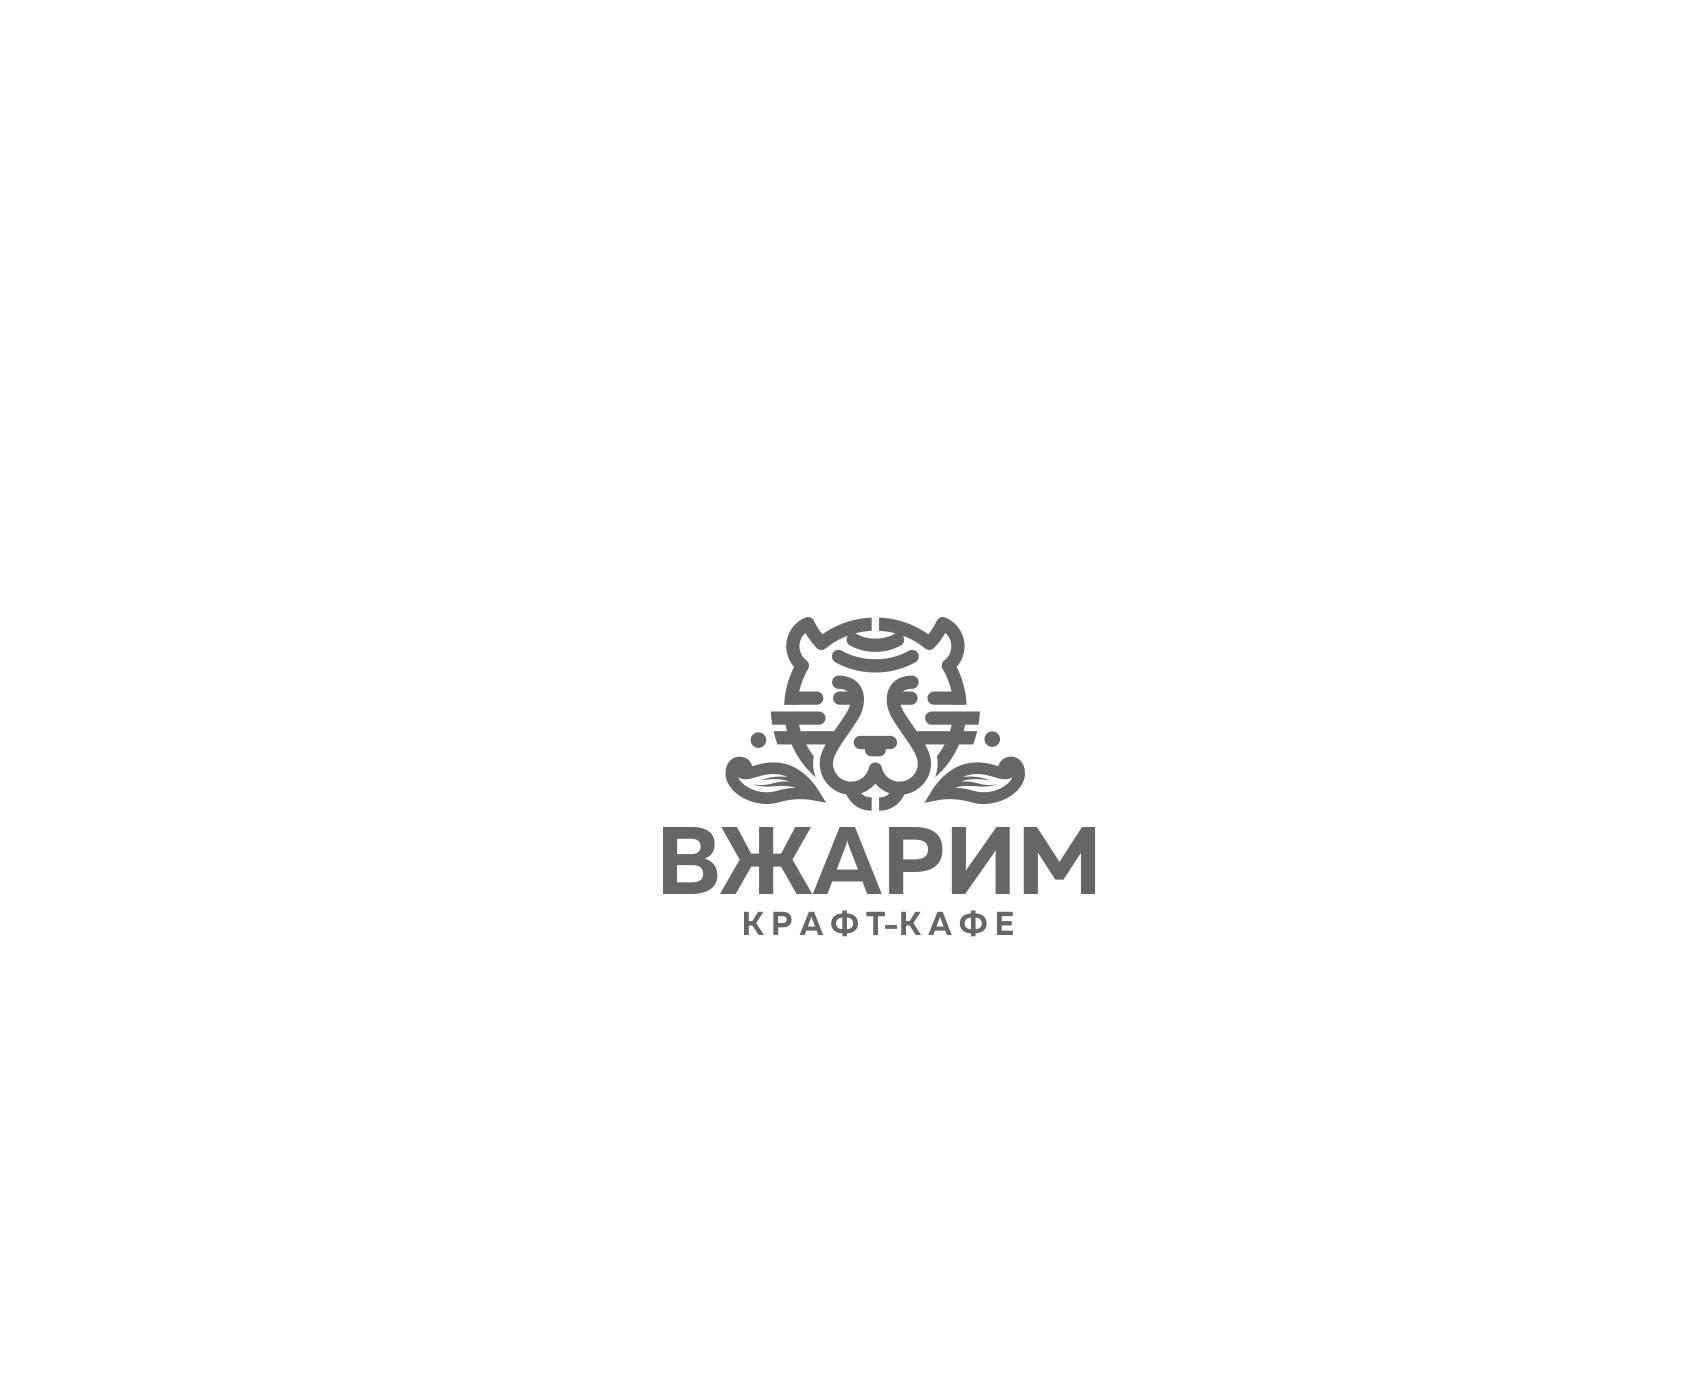 Требуется, разработка логотипа для крафт-кафе «ВЖАРИМ». фото f_2256007f7b3aeb26.jpg